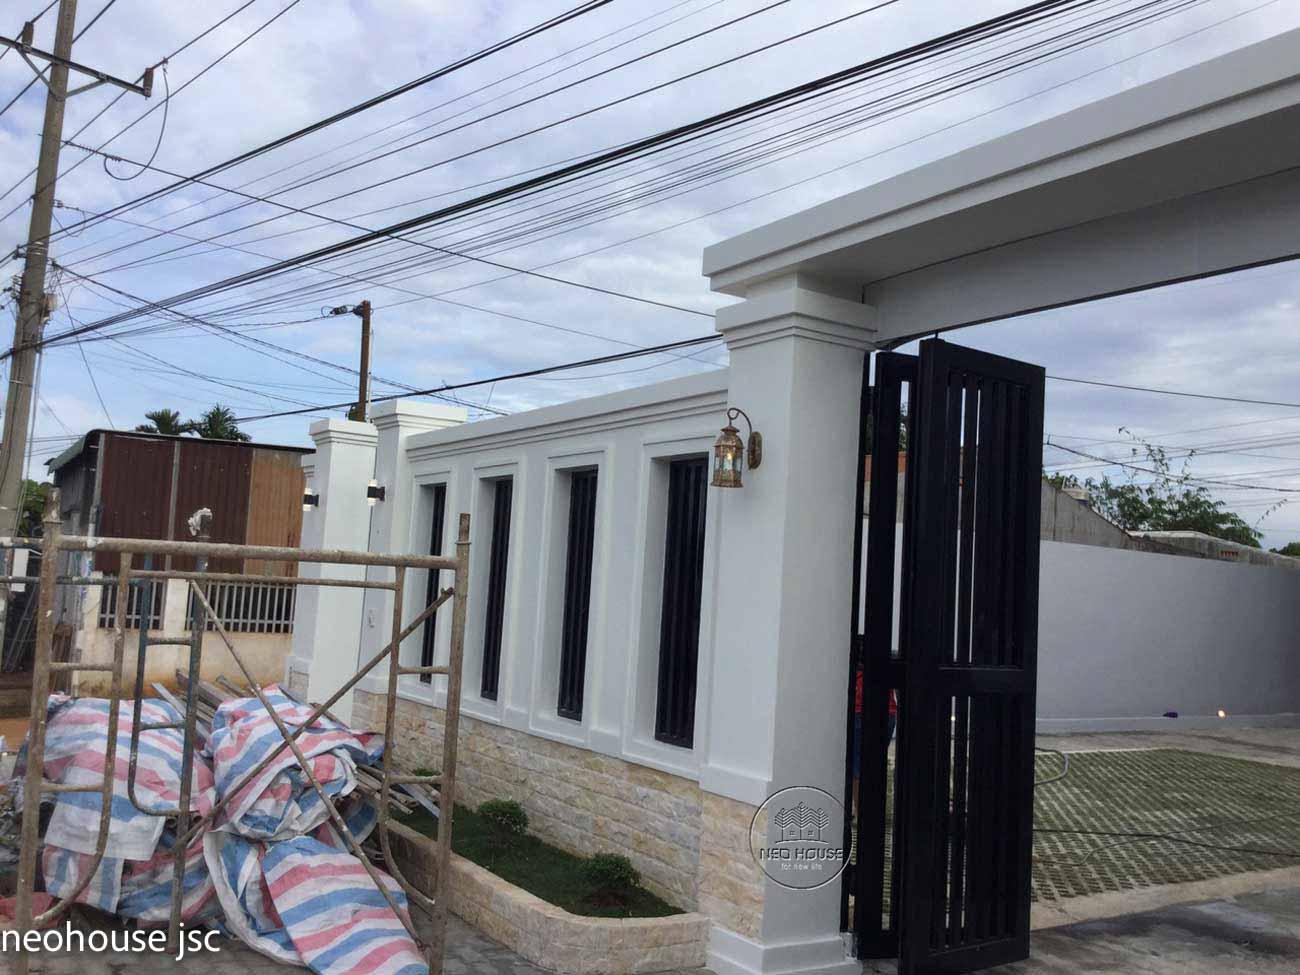 Thi công hoàn thiện nhà đẹp 2 tầng 130m2 tại Bình Phước. Ảnh 6